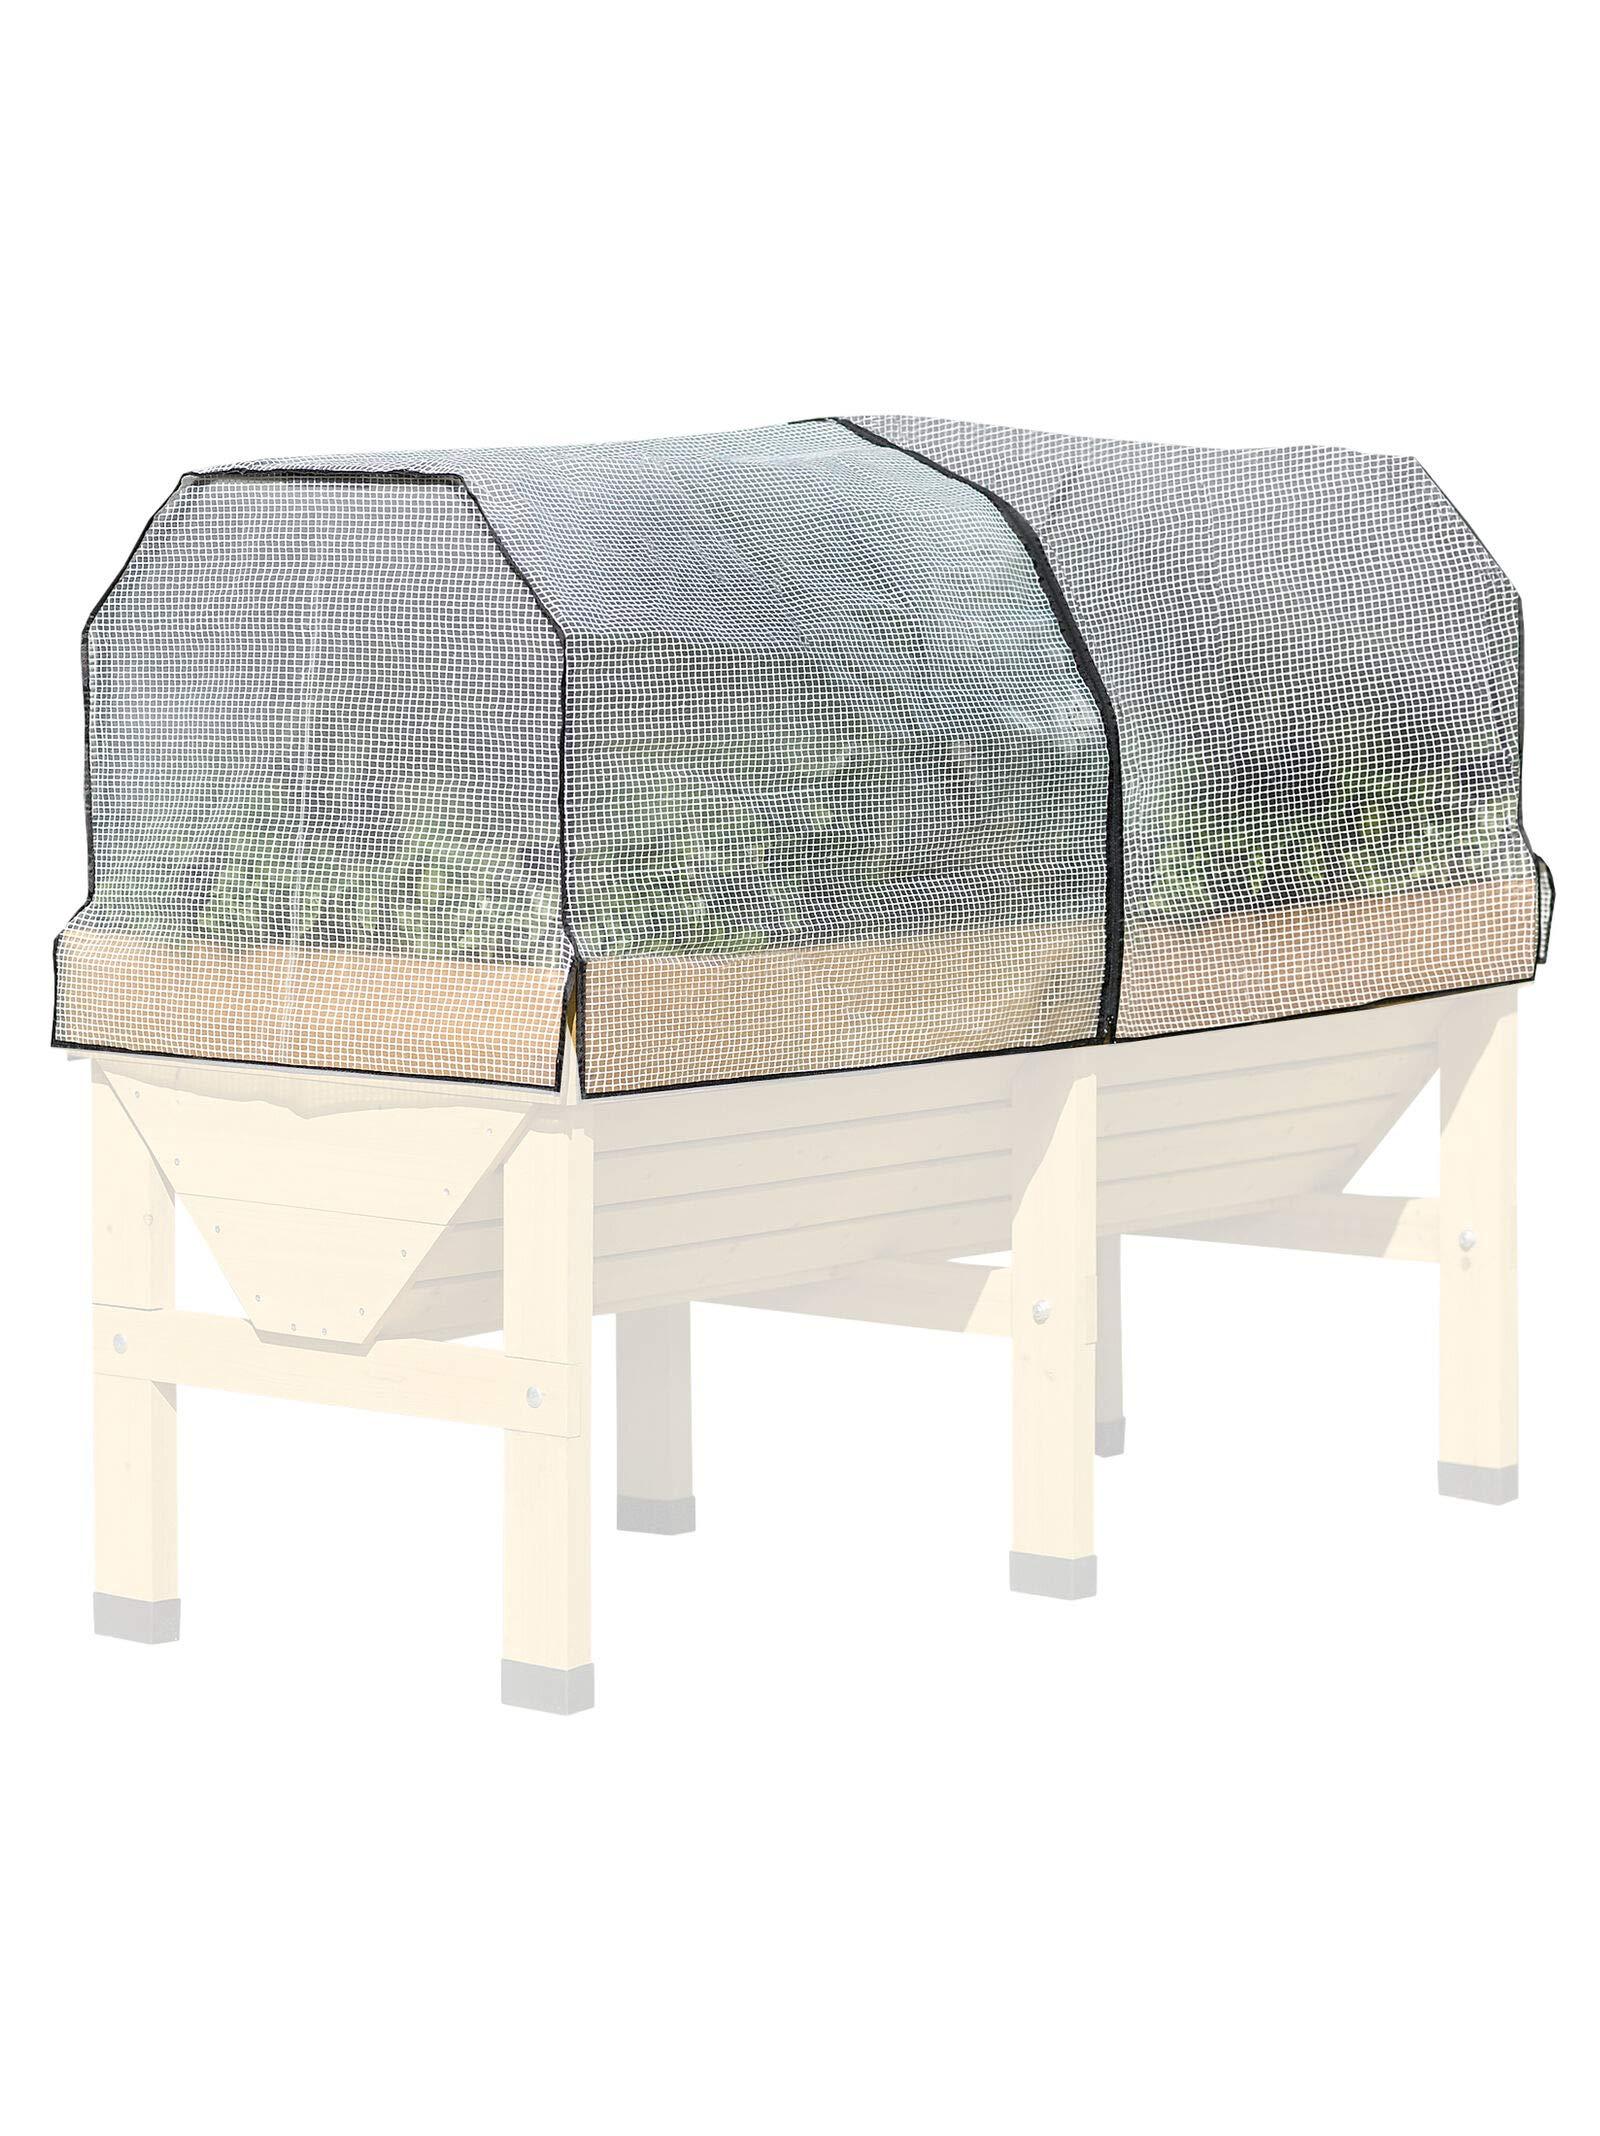 VegTrug Greenhouse Cover with Support Frame by Vegtrug Limited